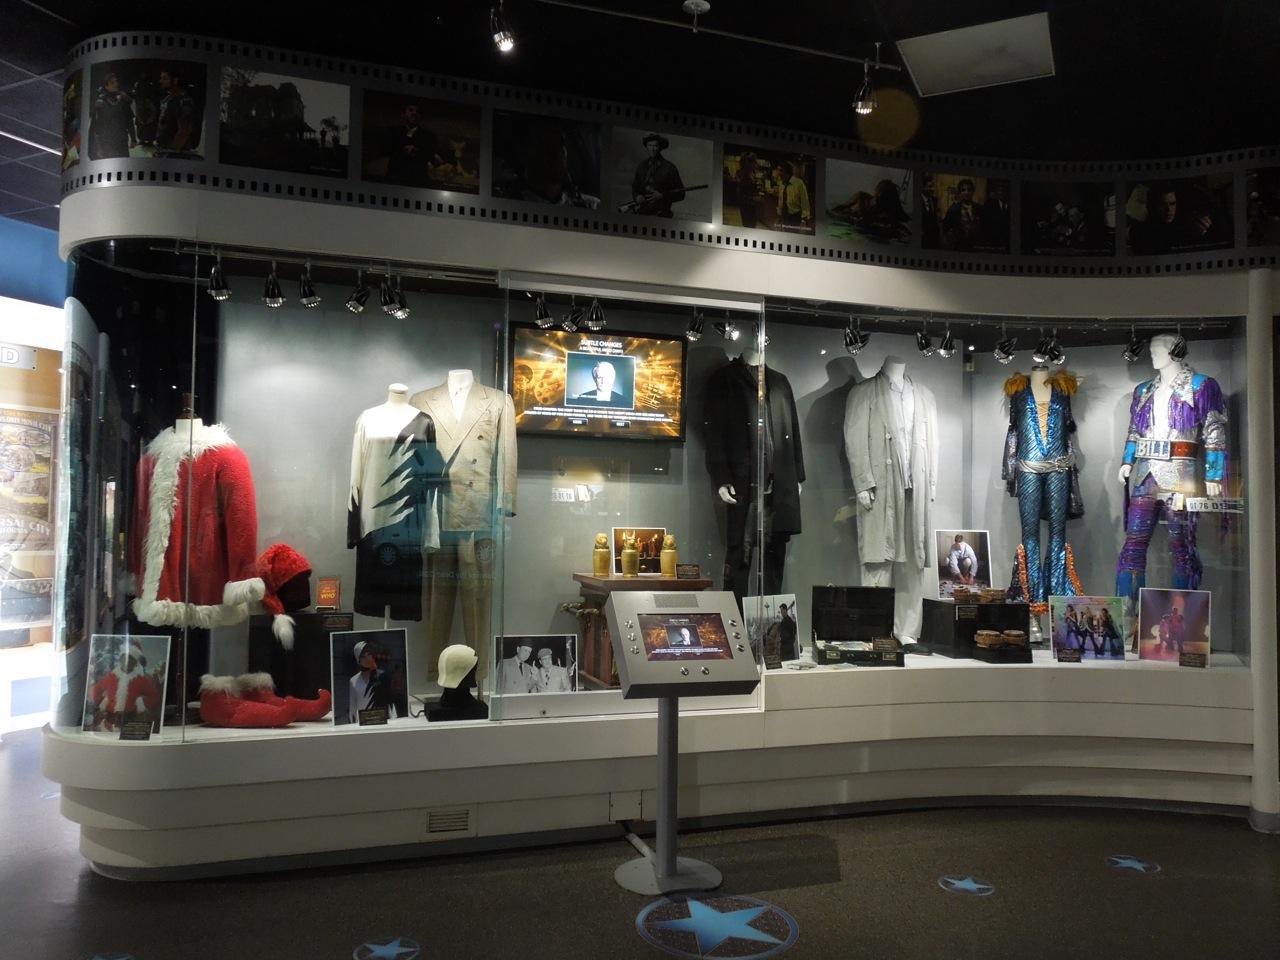 http://1.bp.blogspot.com/-BDWE7h8yjoY/T5n2OrYgp0I/AAAAAAAAq2A/Ry8z3ZtNjfI/s1600/UniversalStudios+costume+exhibit.jpg